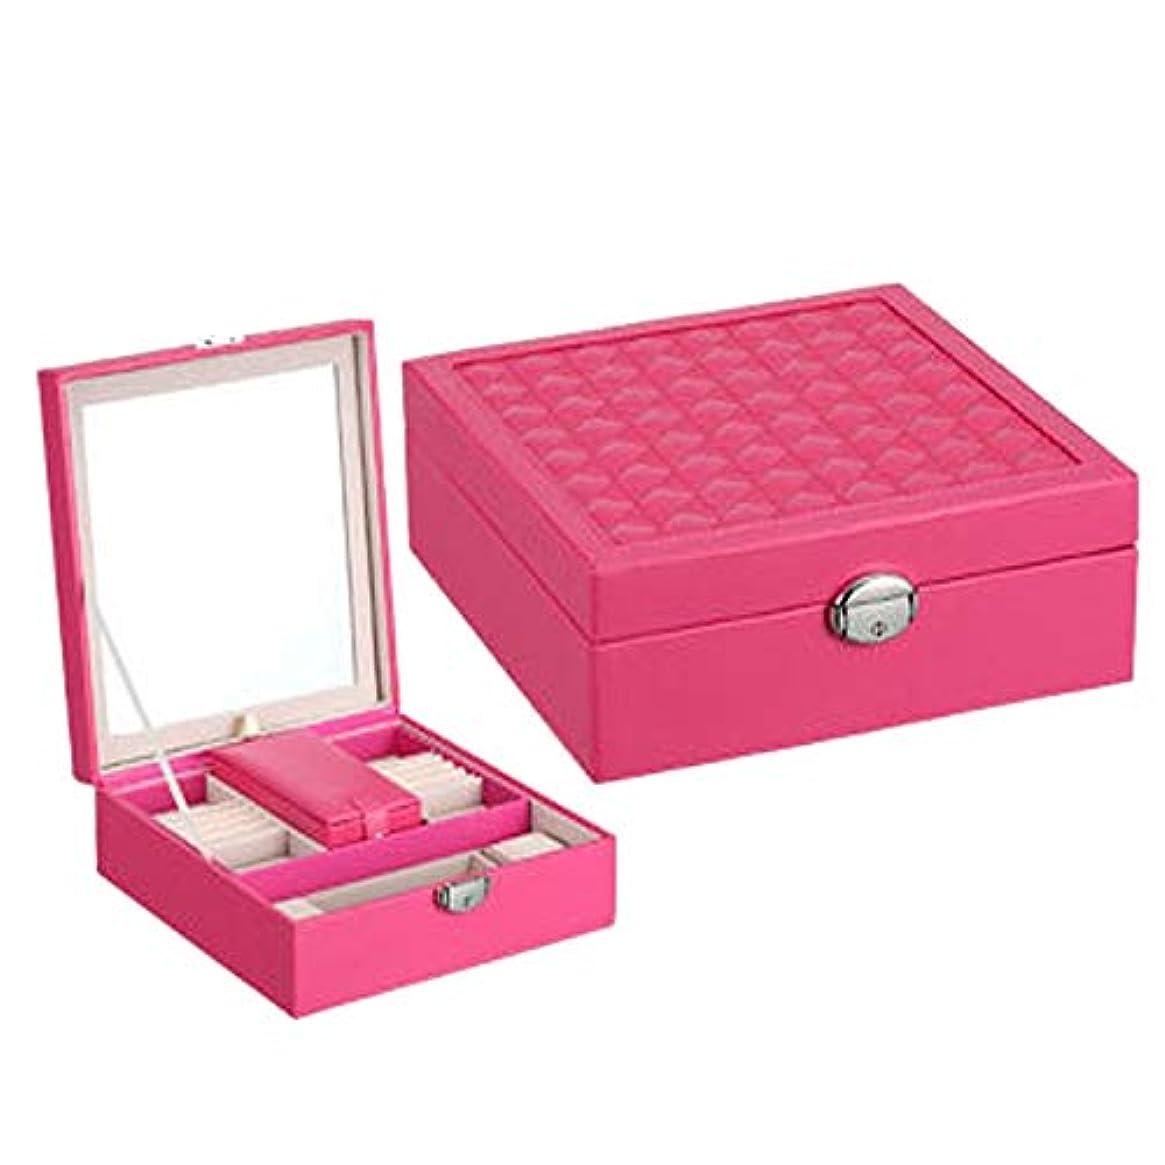 始めるほとんどない心のこもった化粧オーガナイザーバッグ 小さなアイテムのストレージのための丈夫な女性のジュエリーの収納ボックス 化粧品ケース (色 : ローズレッド)